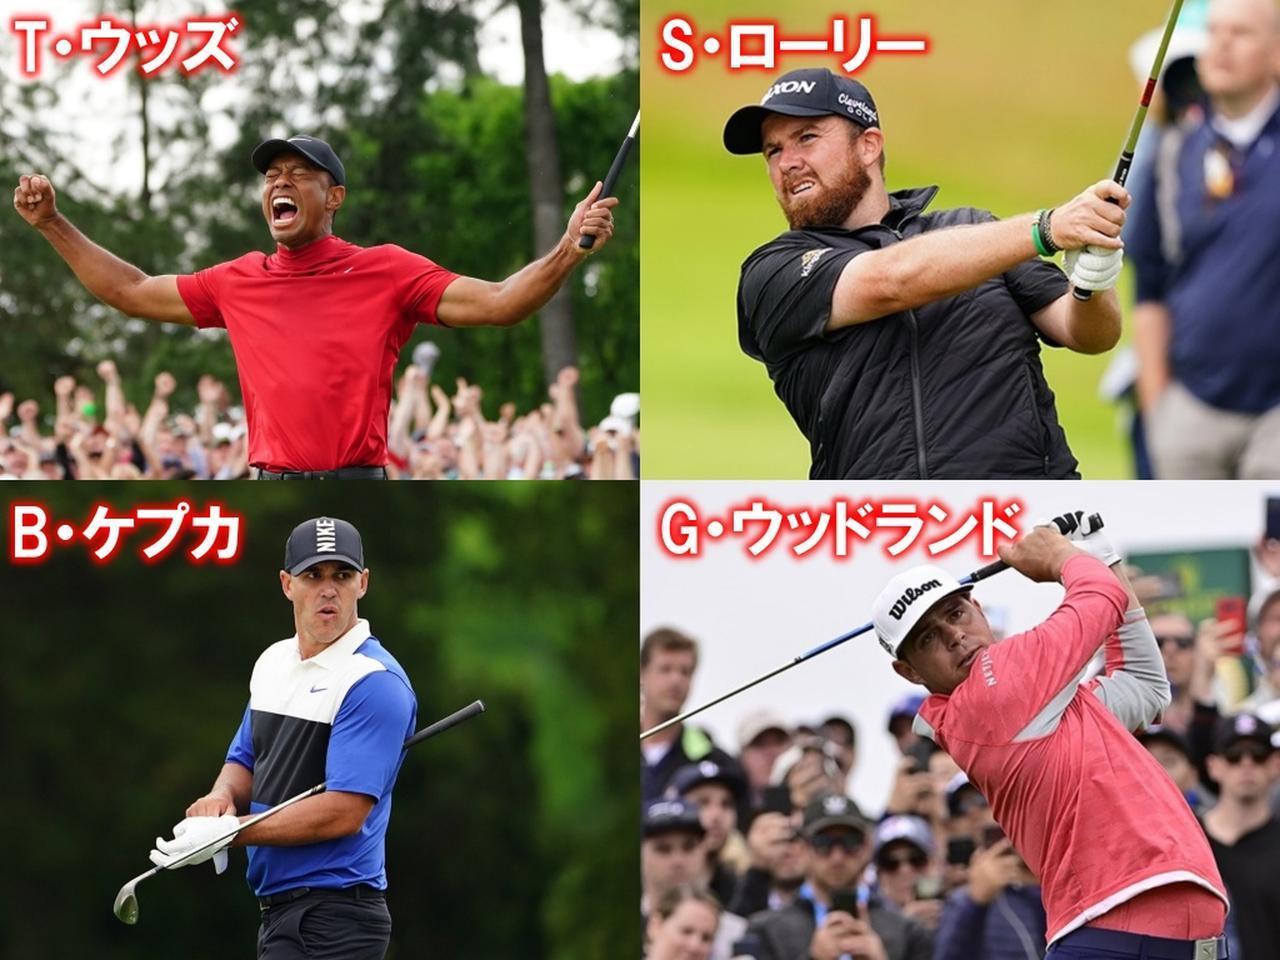 画像1: 【勝者のスウィング】タイガー、ケプカ、ウッドランド、S・ローリー。2019メジャーチャンピオンのスウィングを井上透コーチが分析